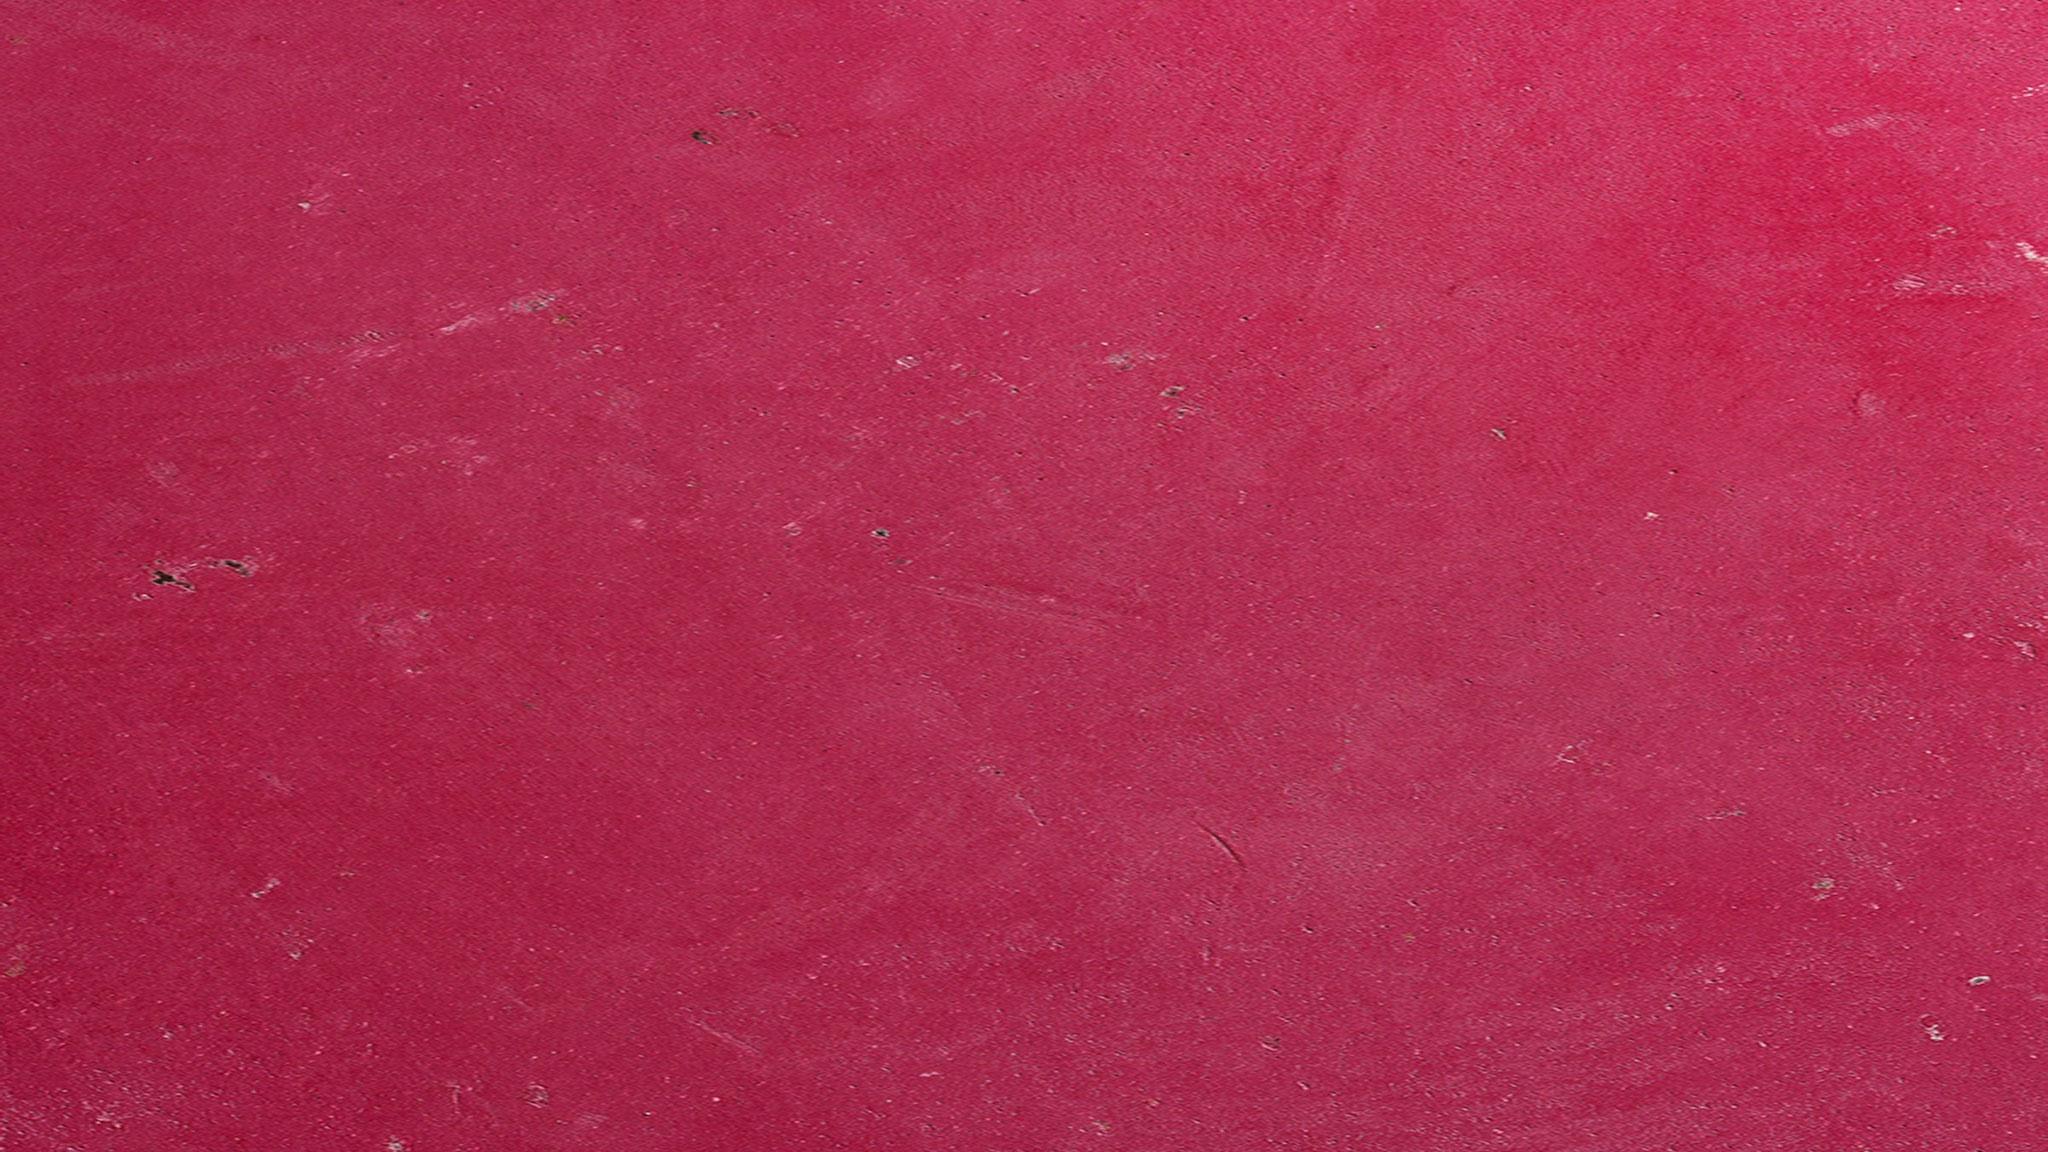 Chimney - Grober Naturglimmer setzt interessante Kontraste und sorgt für eine lebendige Optik. Farbton: ic126